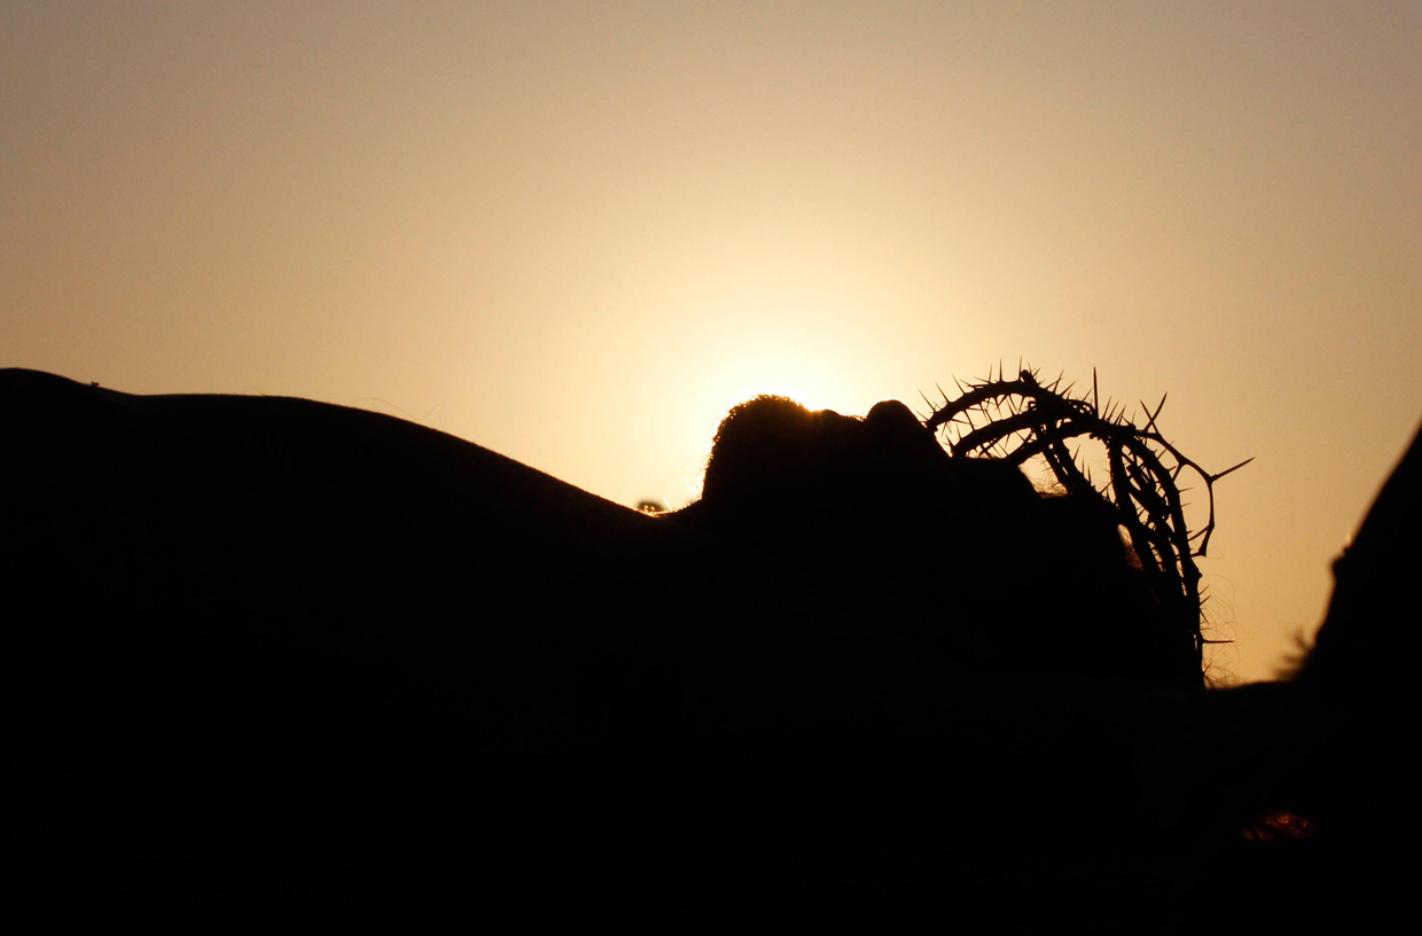 """Er gab Sein Leben hin - und machte den Weg entgültig frei. Der Weg ist frei, zurück ins geistige Vaterhaus - """"Keiner kommt zum Vater als durch Mich""""..."""